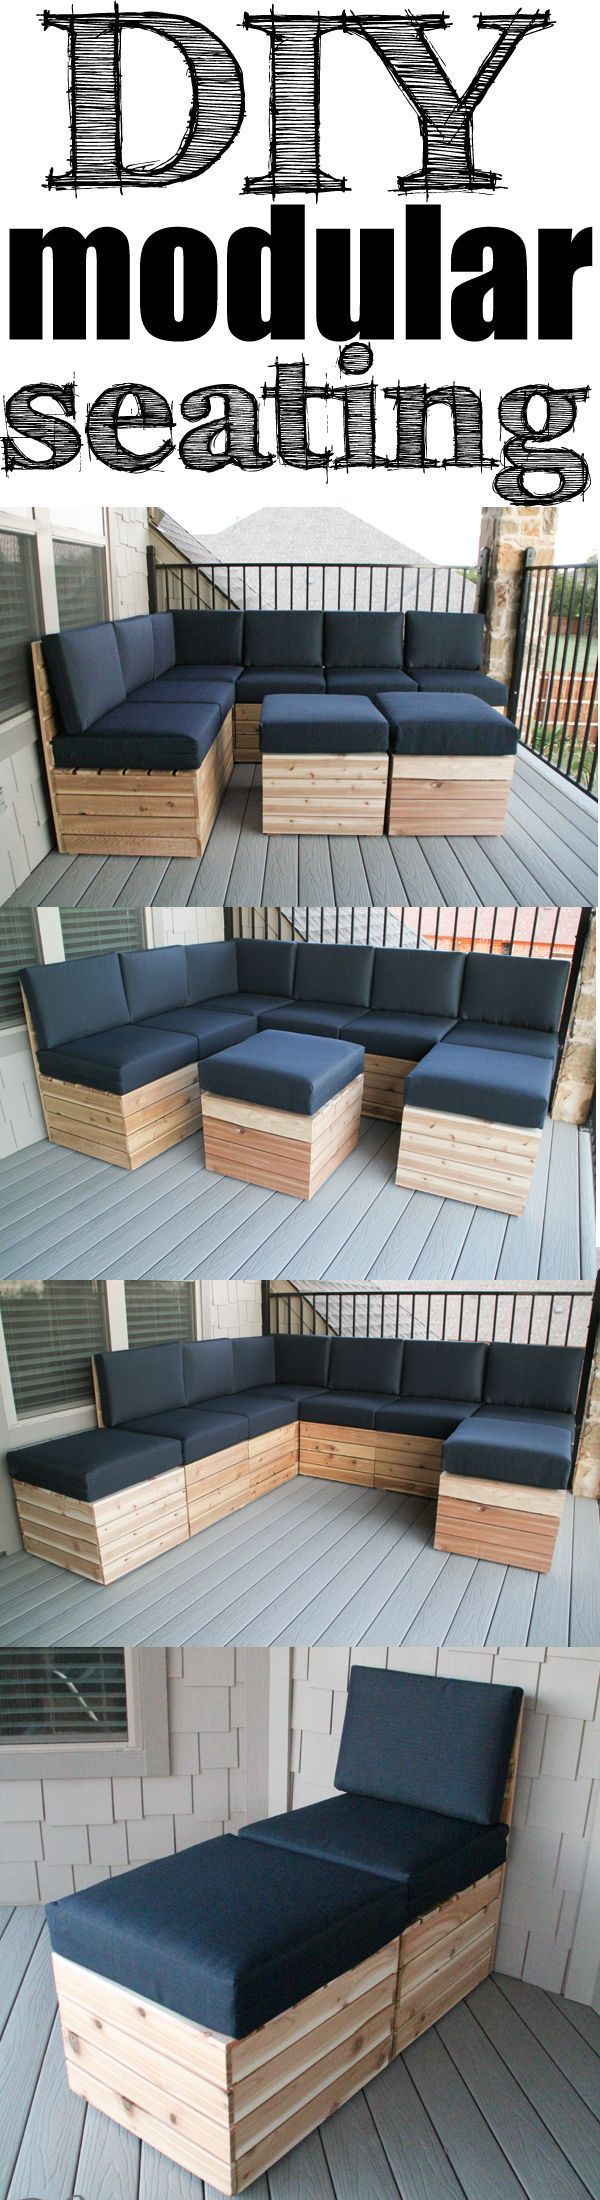 Shanty-2-chic.com modular outdoor design